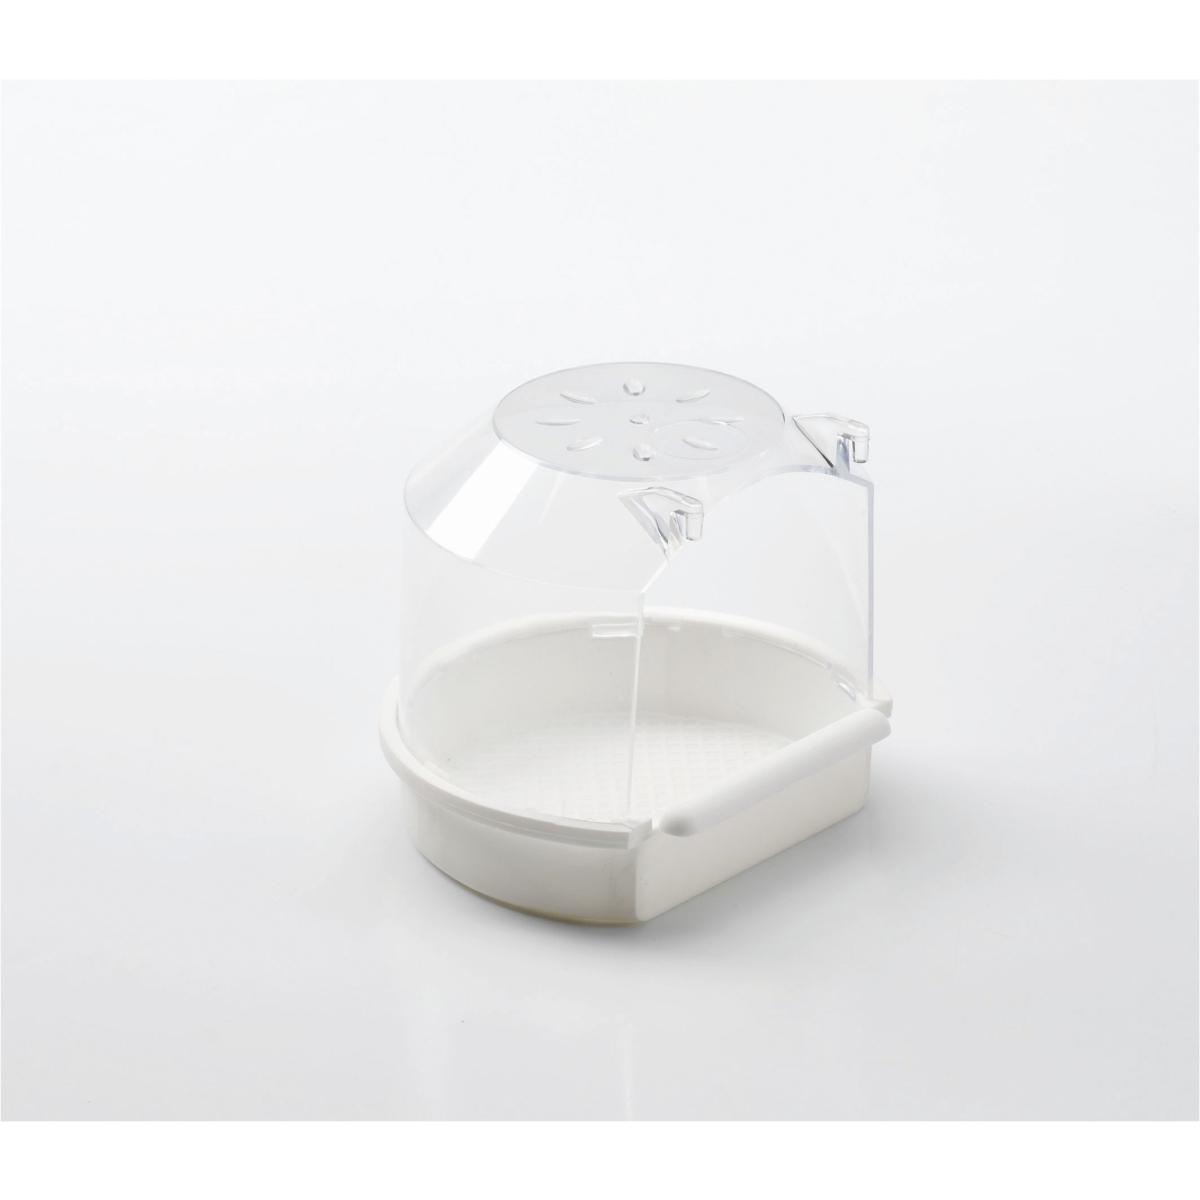 Productafbeelding voor 'Badhuis klein model wit'